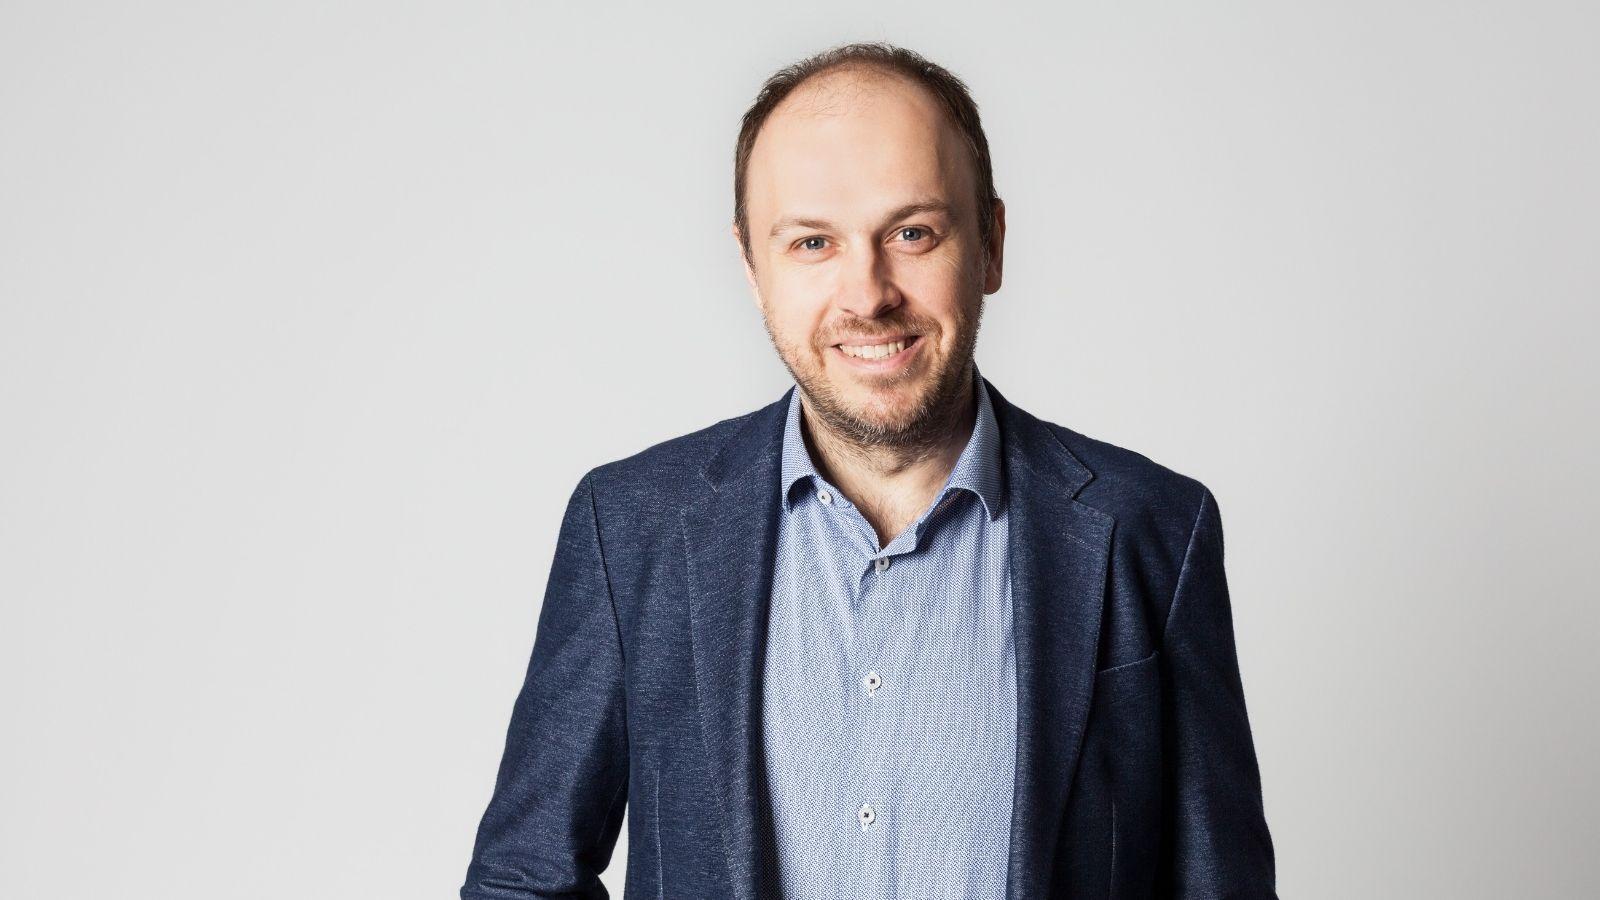 Nowy szef pionu Creative dentsu w regionie CEE! awanse mediarun krzysztof mocek